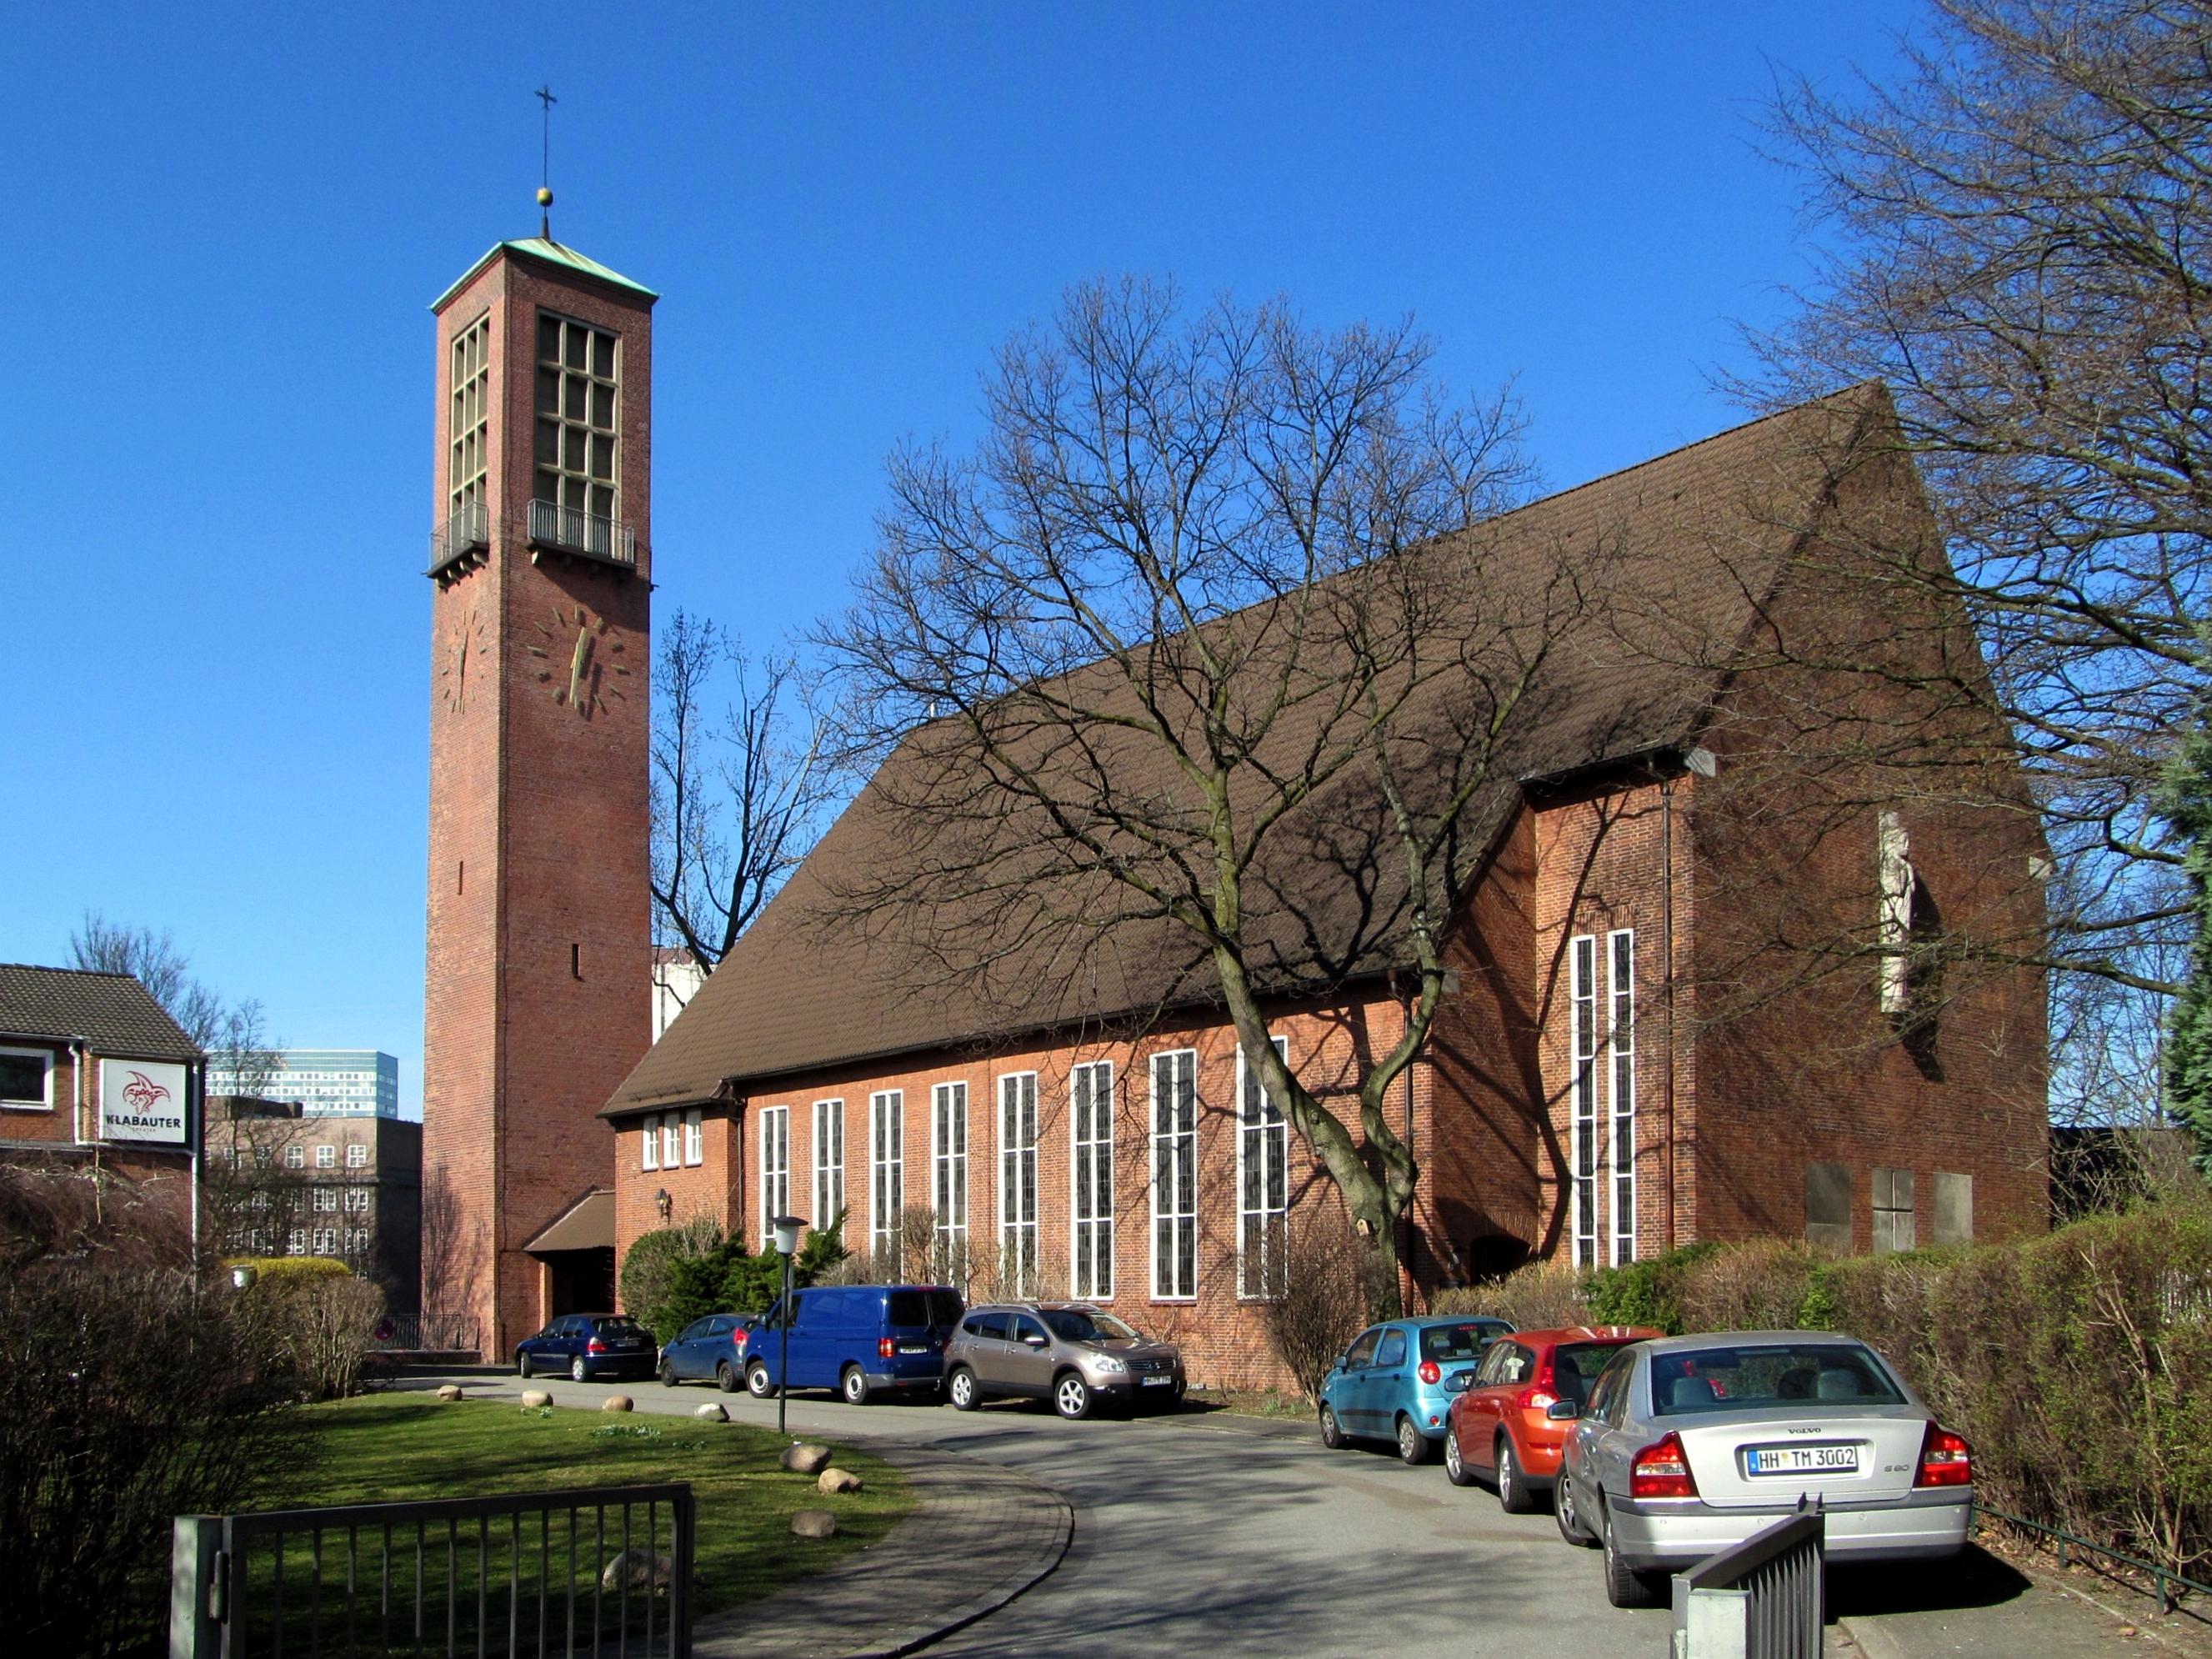 Borgfelde Hamburg